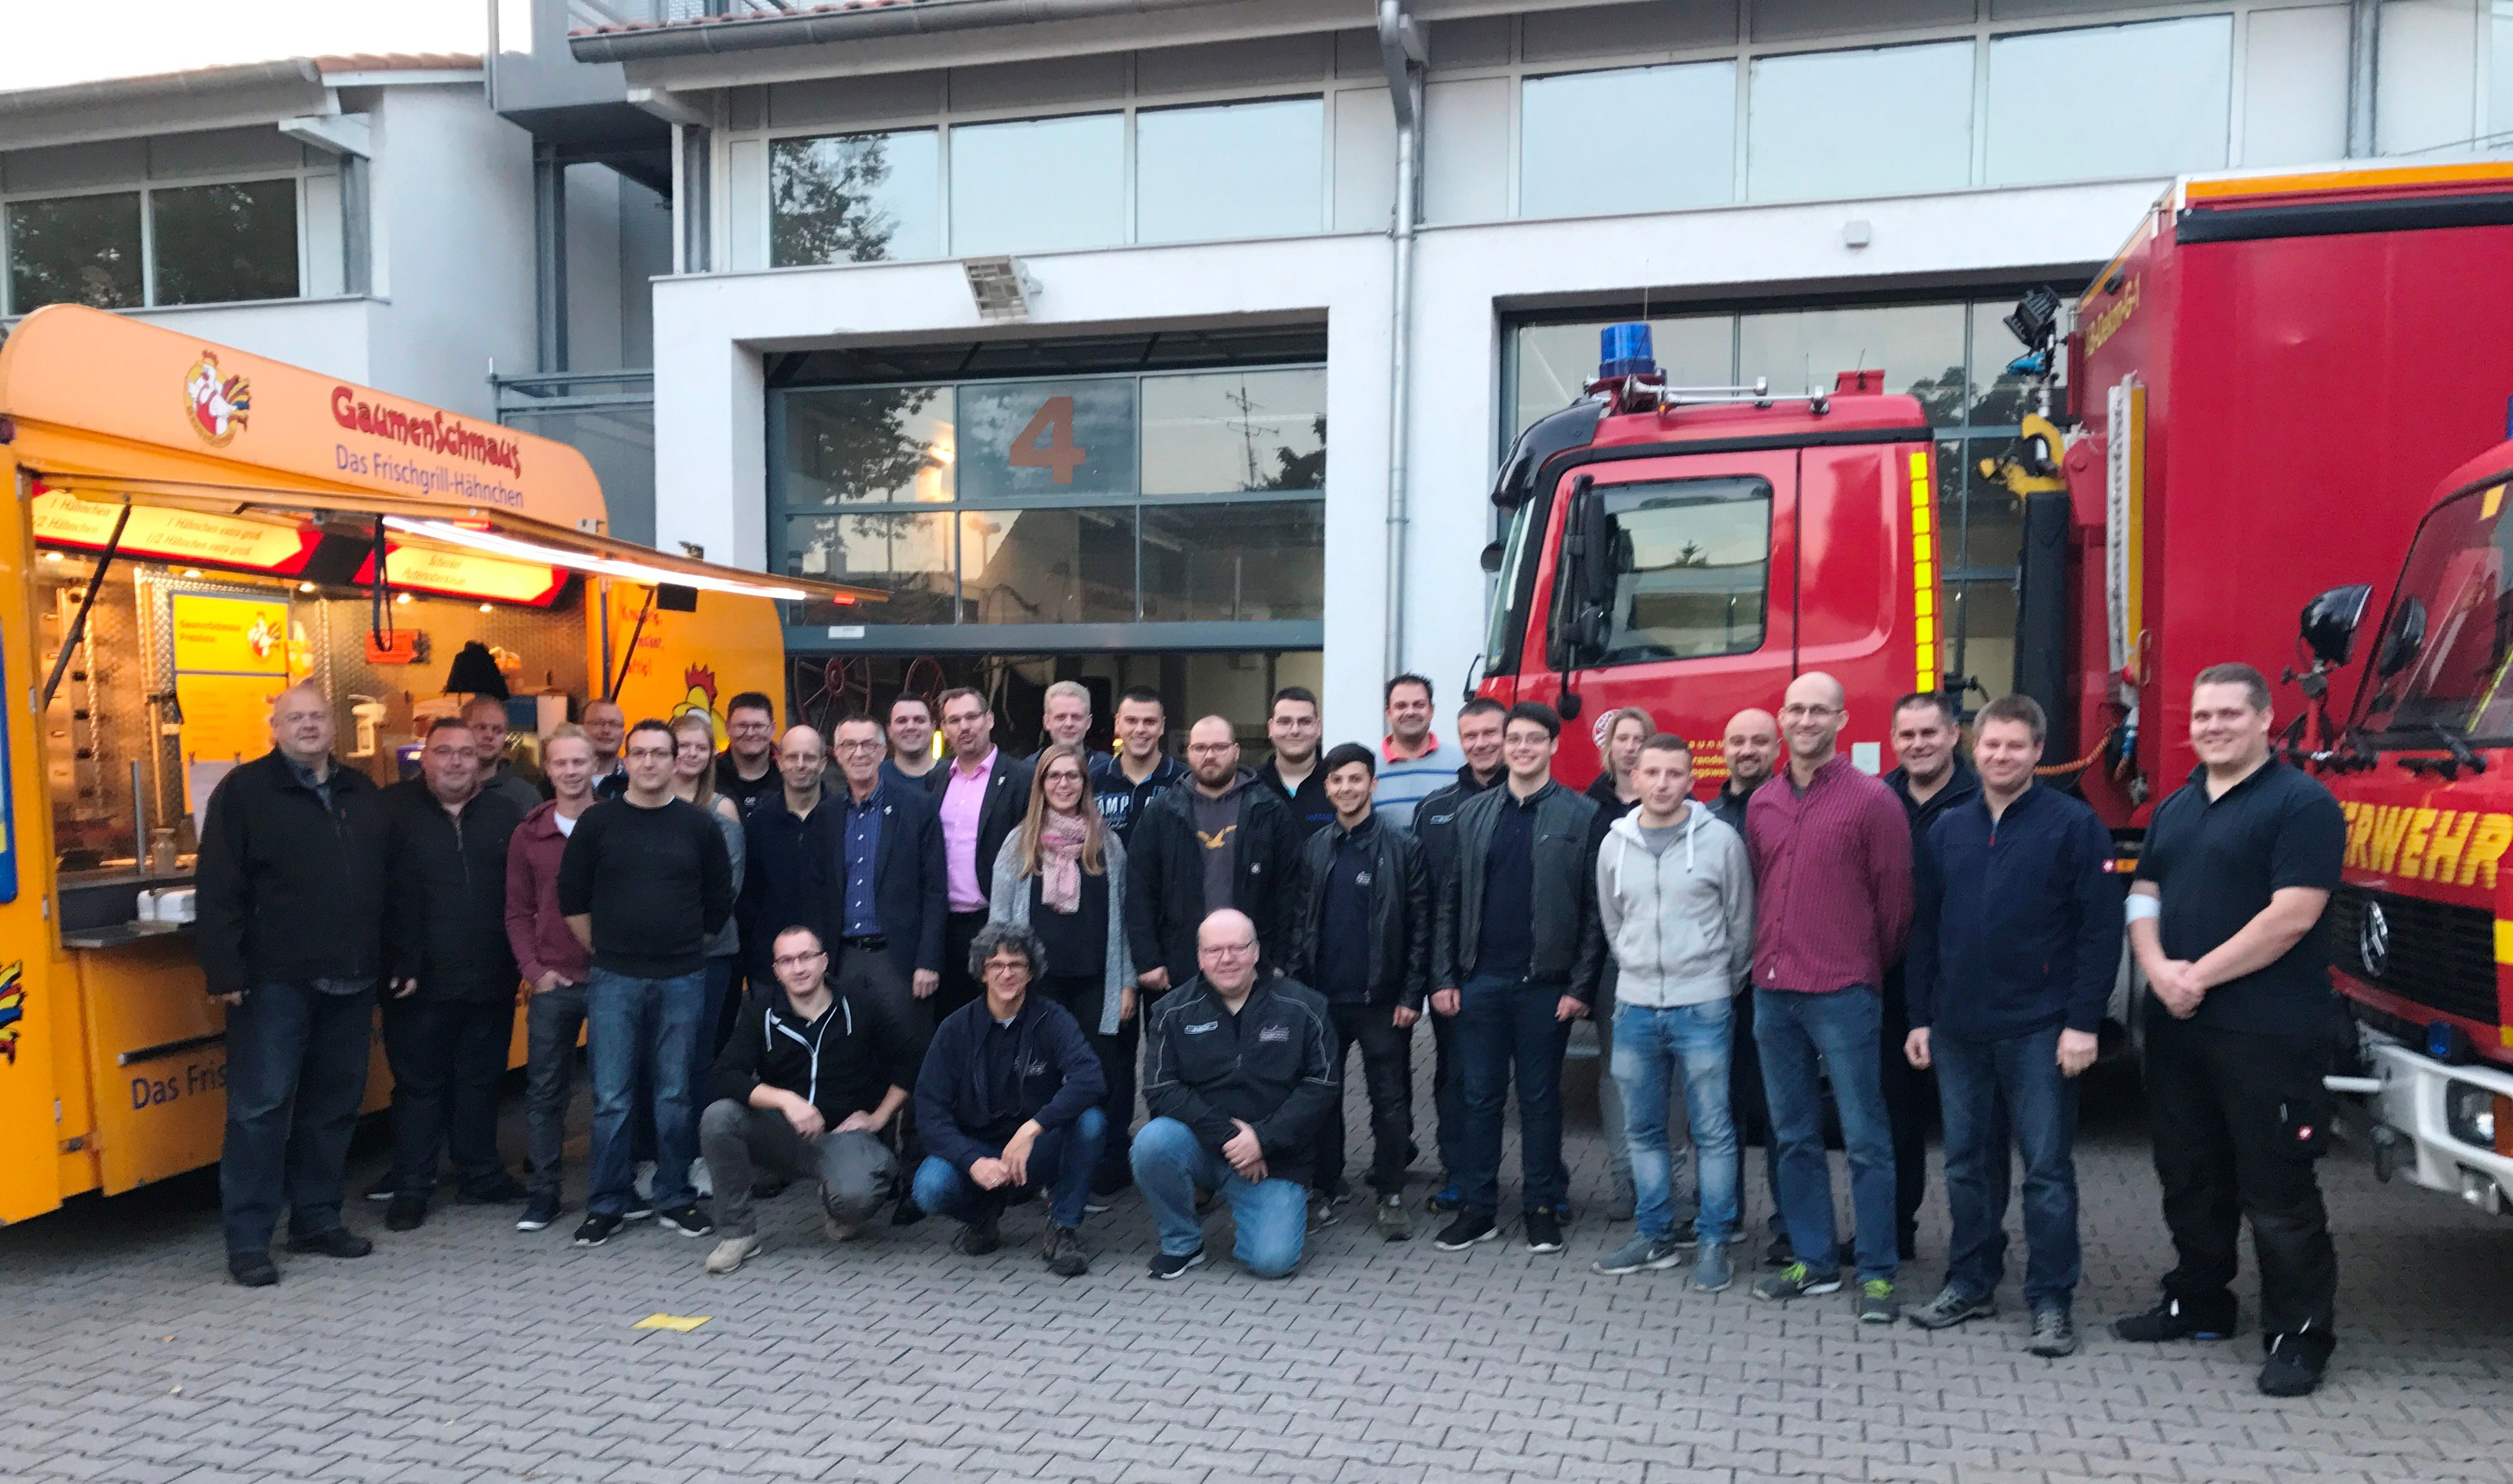 Ein Gruppenbild der Helfer der Freiwilligen Feuerwehr vor einem Imbisstand und einem Einsatzfahrzeug